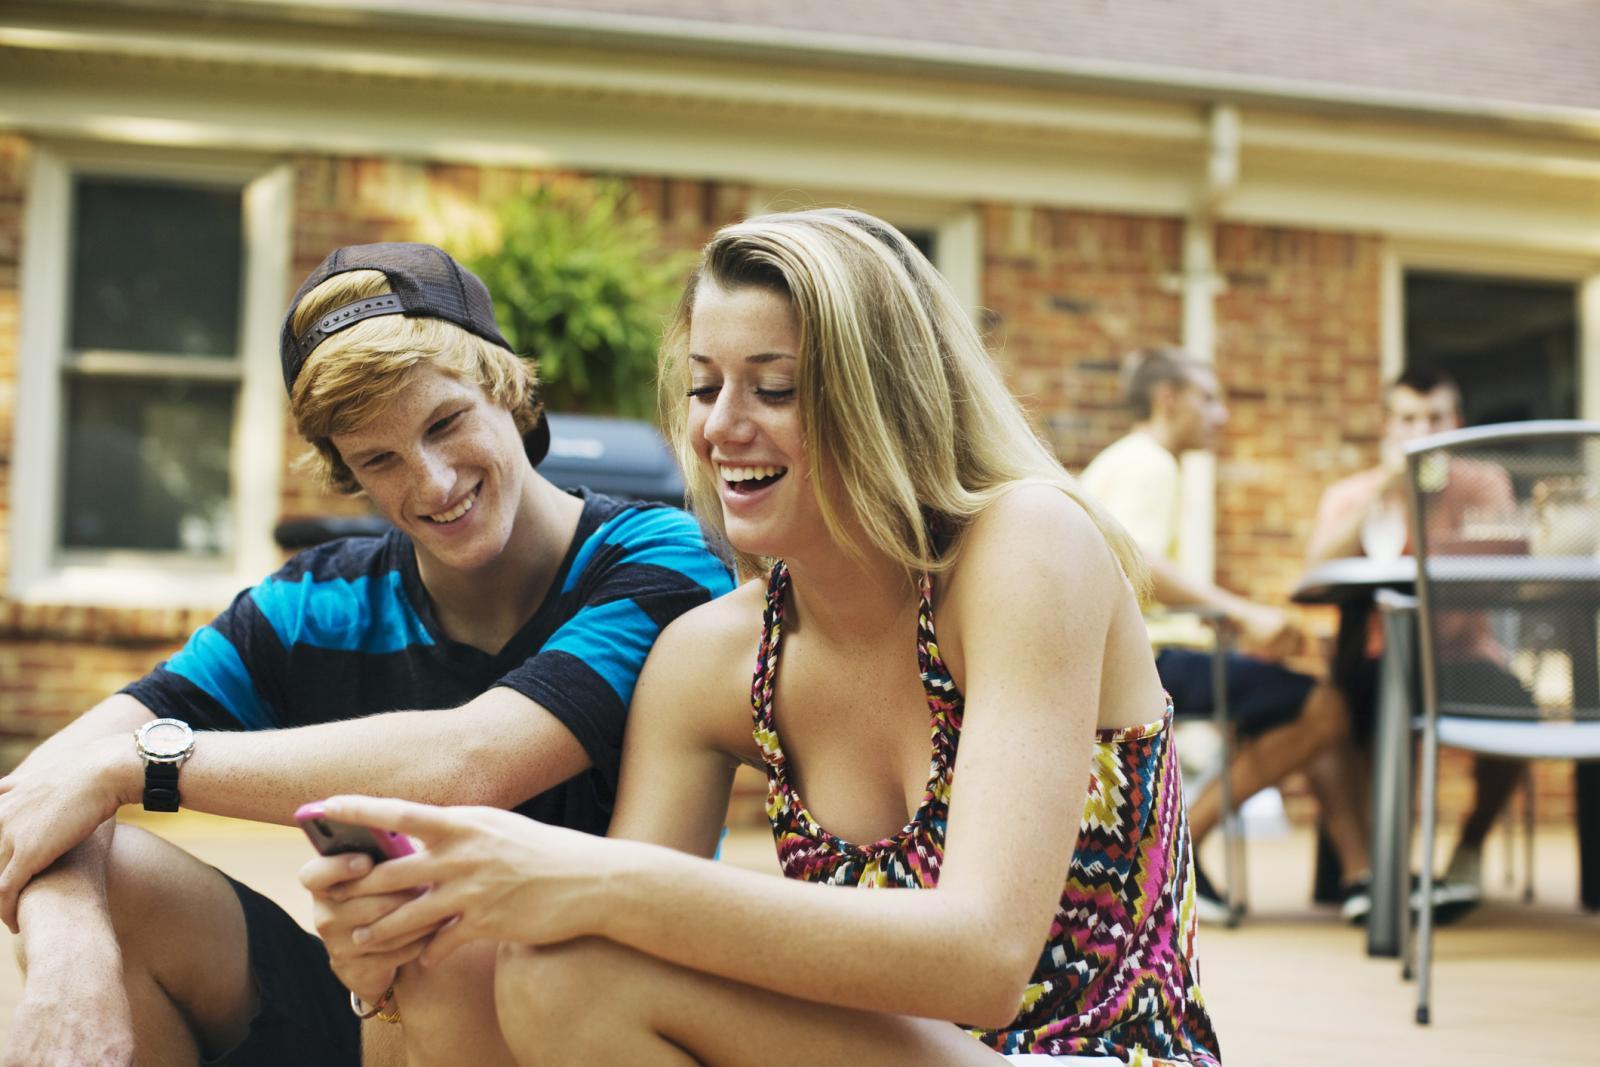 Adolescentes pasando el rato